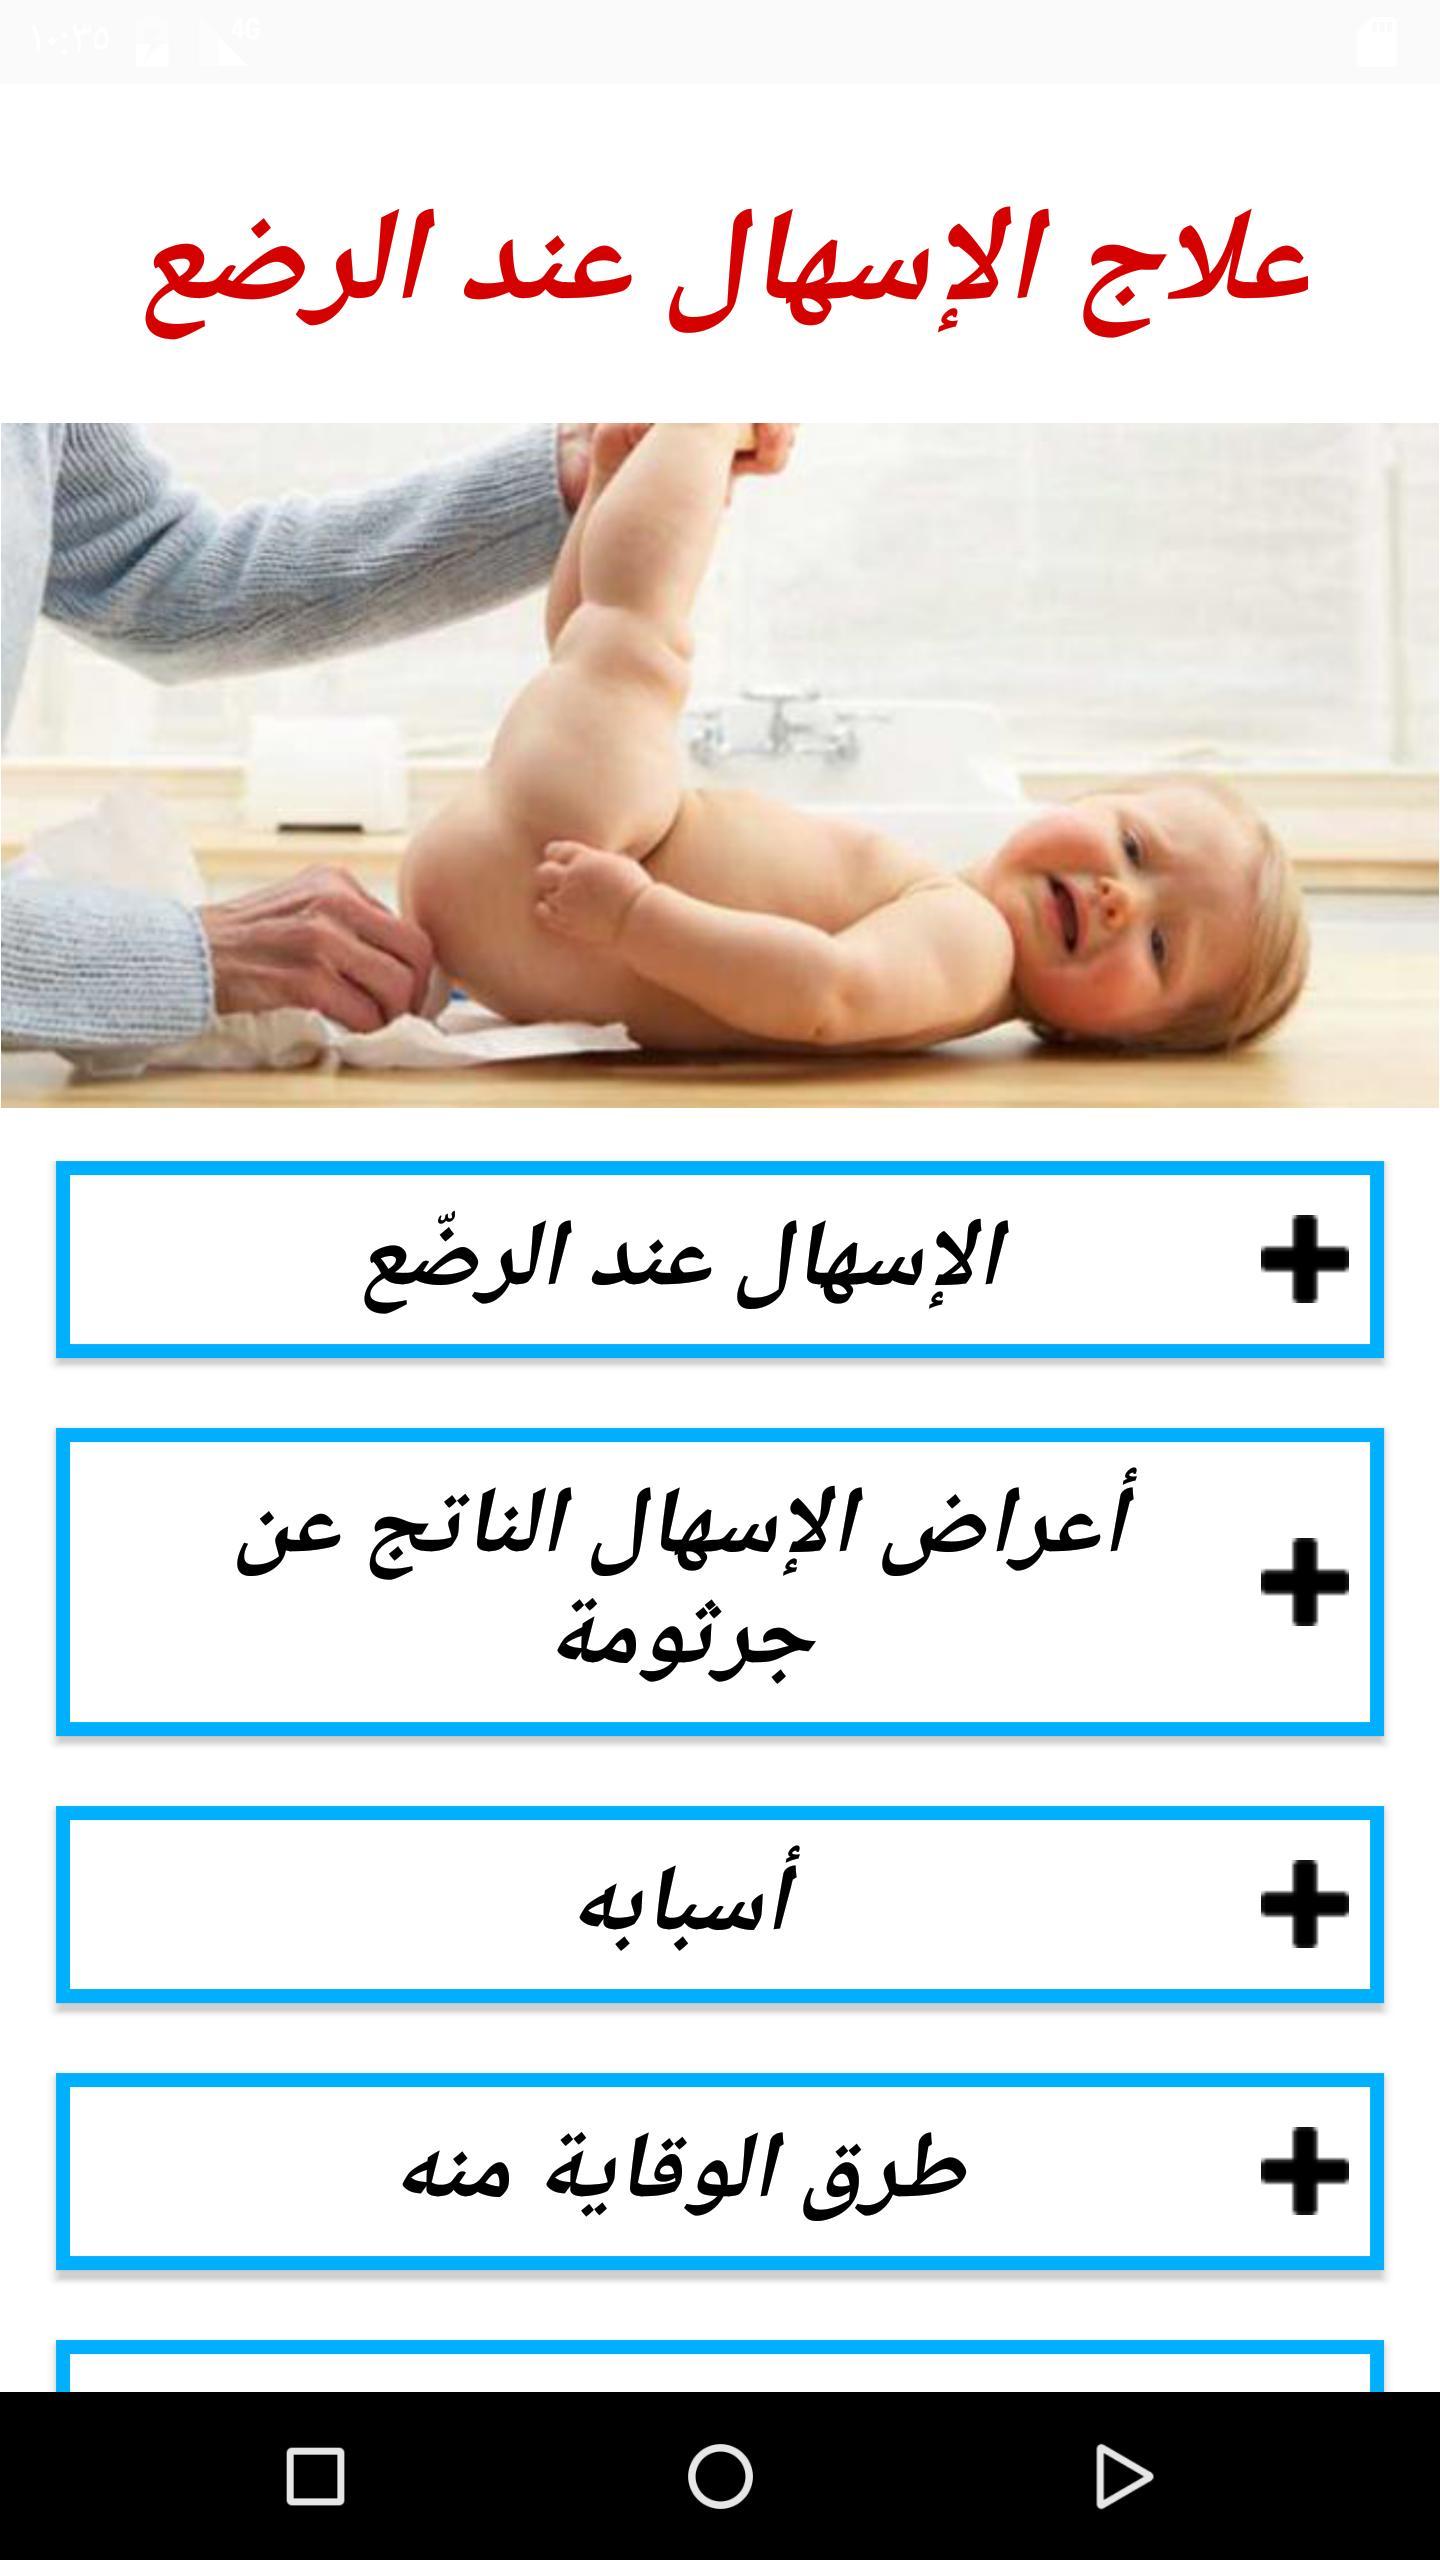 علاج الإسهال عند الرضع for Android - APK Download